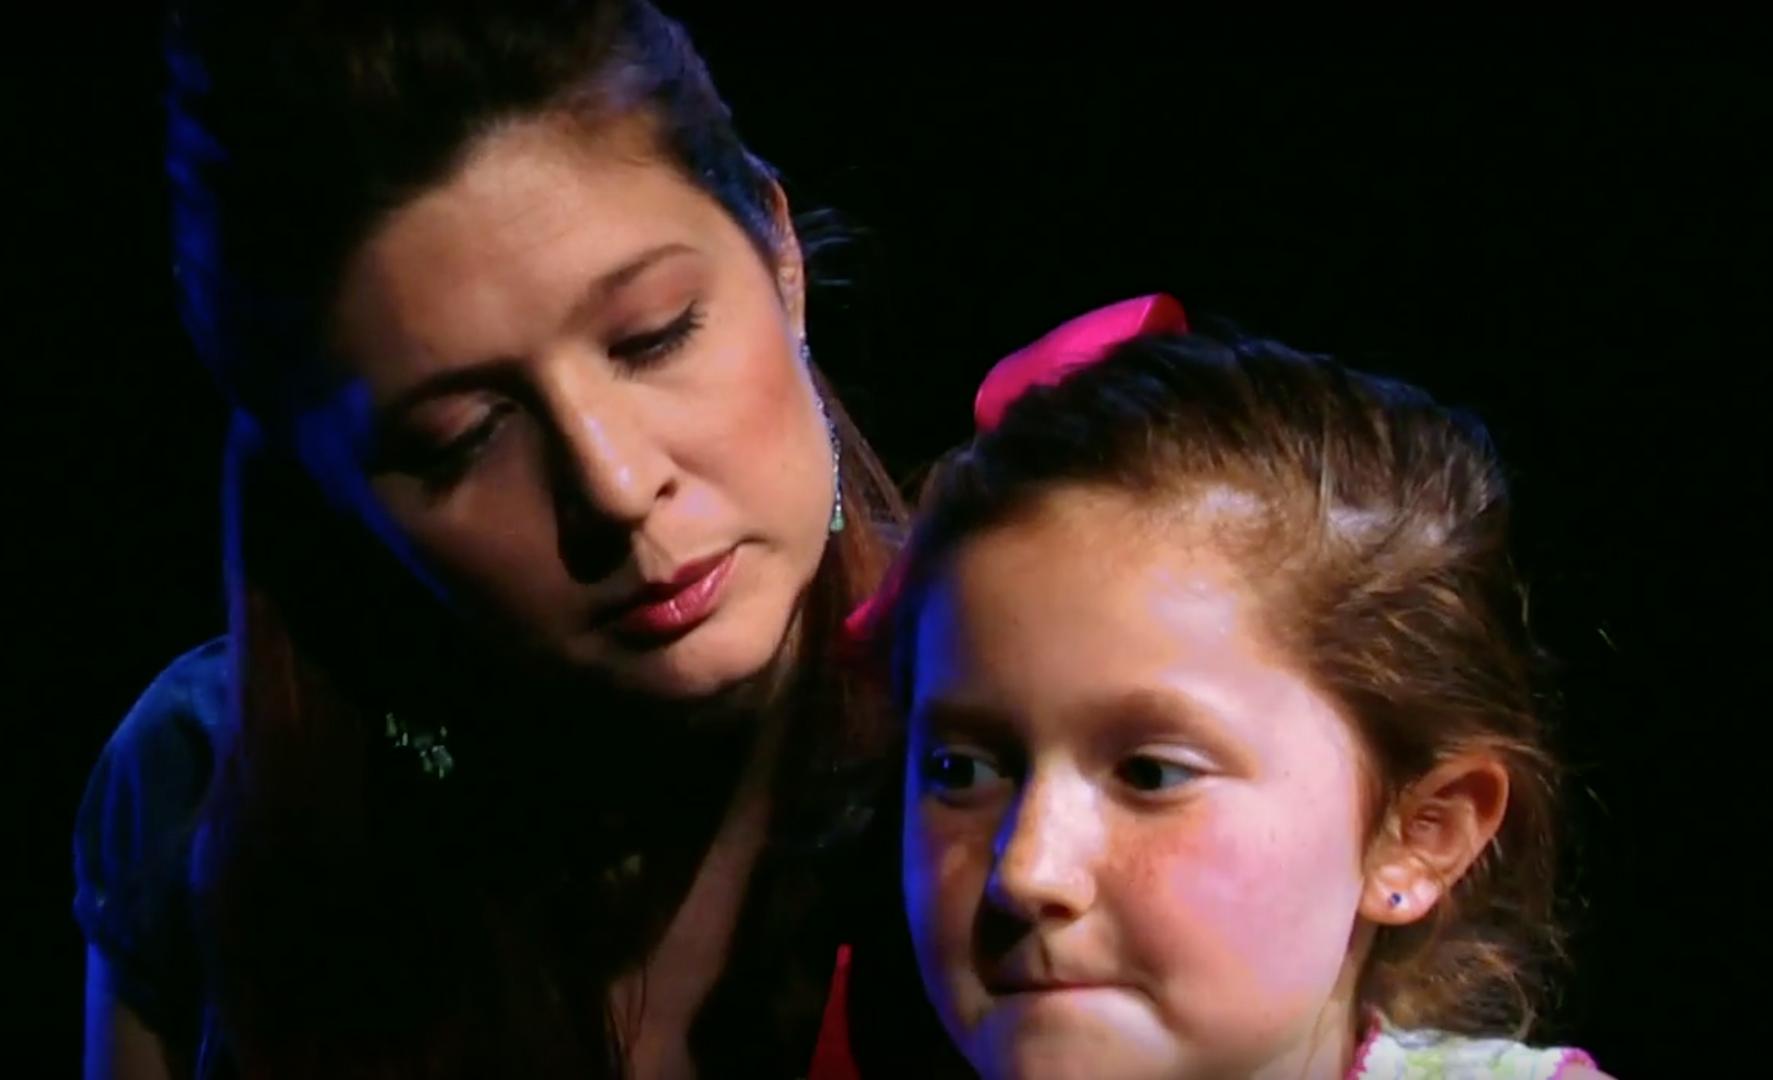 Rachel McKinney & Emma Kenney in Lyre Liar